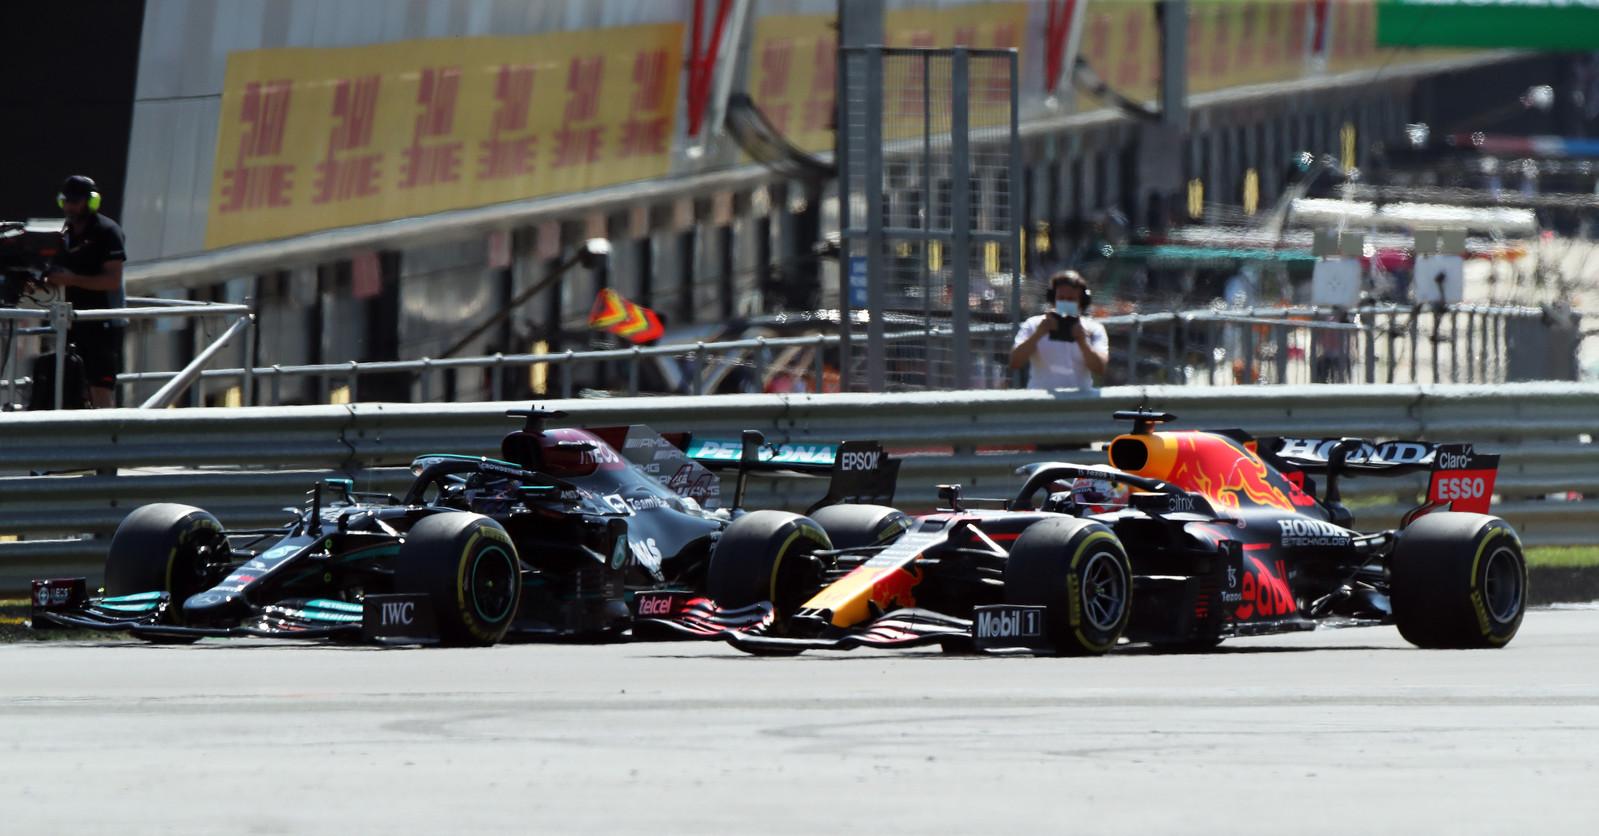 Hamilton tikte Verstappen al in de eerste ronde aan, waardoor de Nederlander crashte.